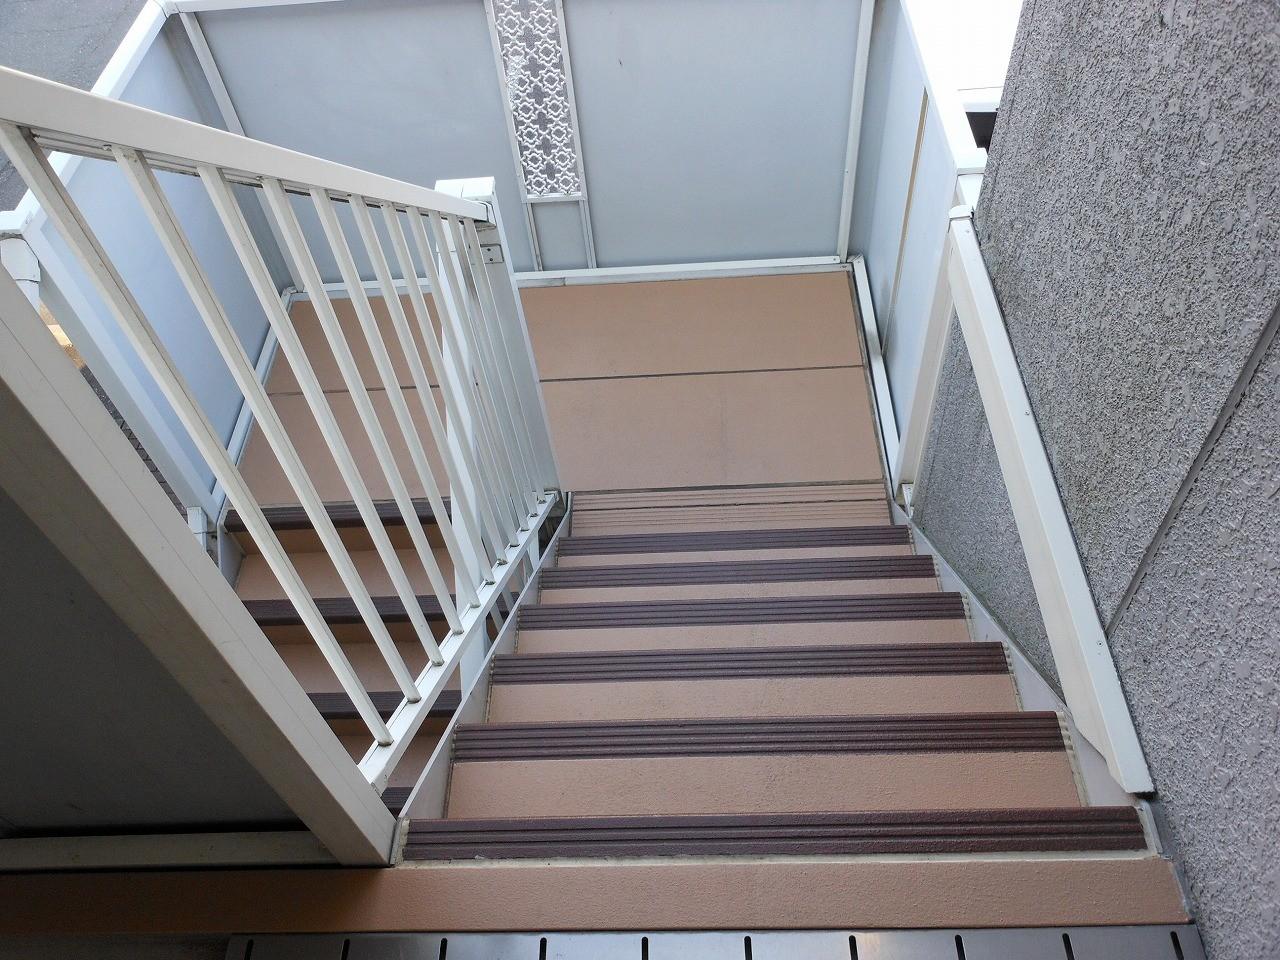 SREM(スレム)施工することにより、居住者の安全を守ります